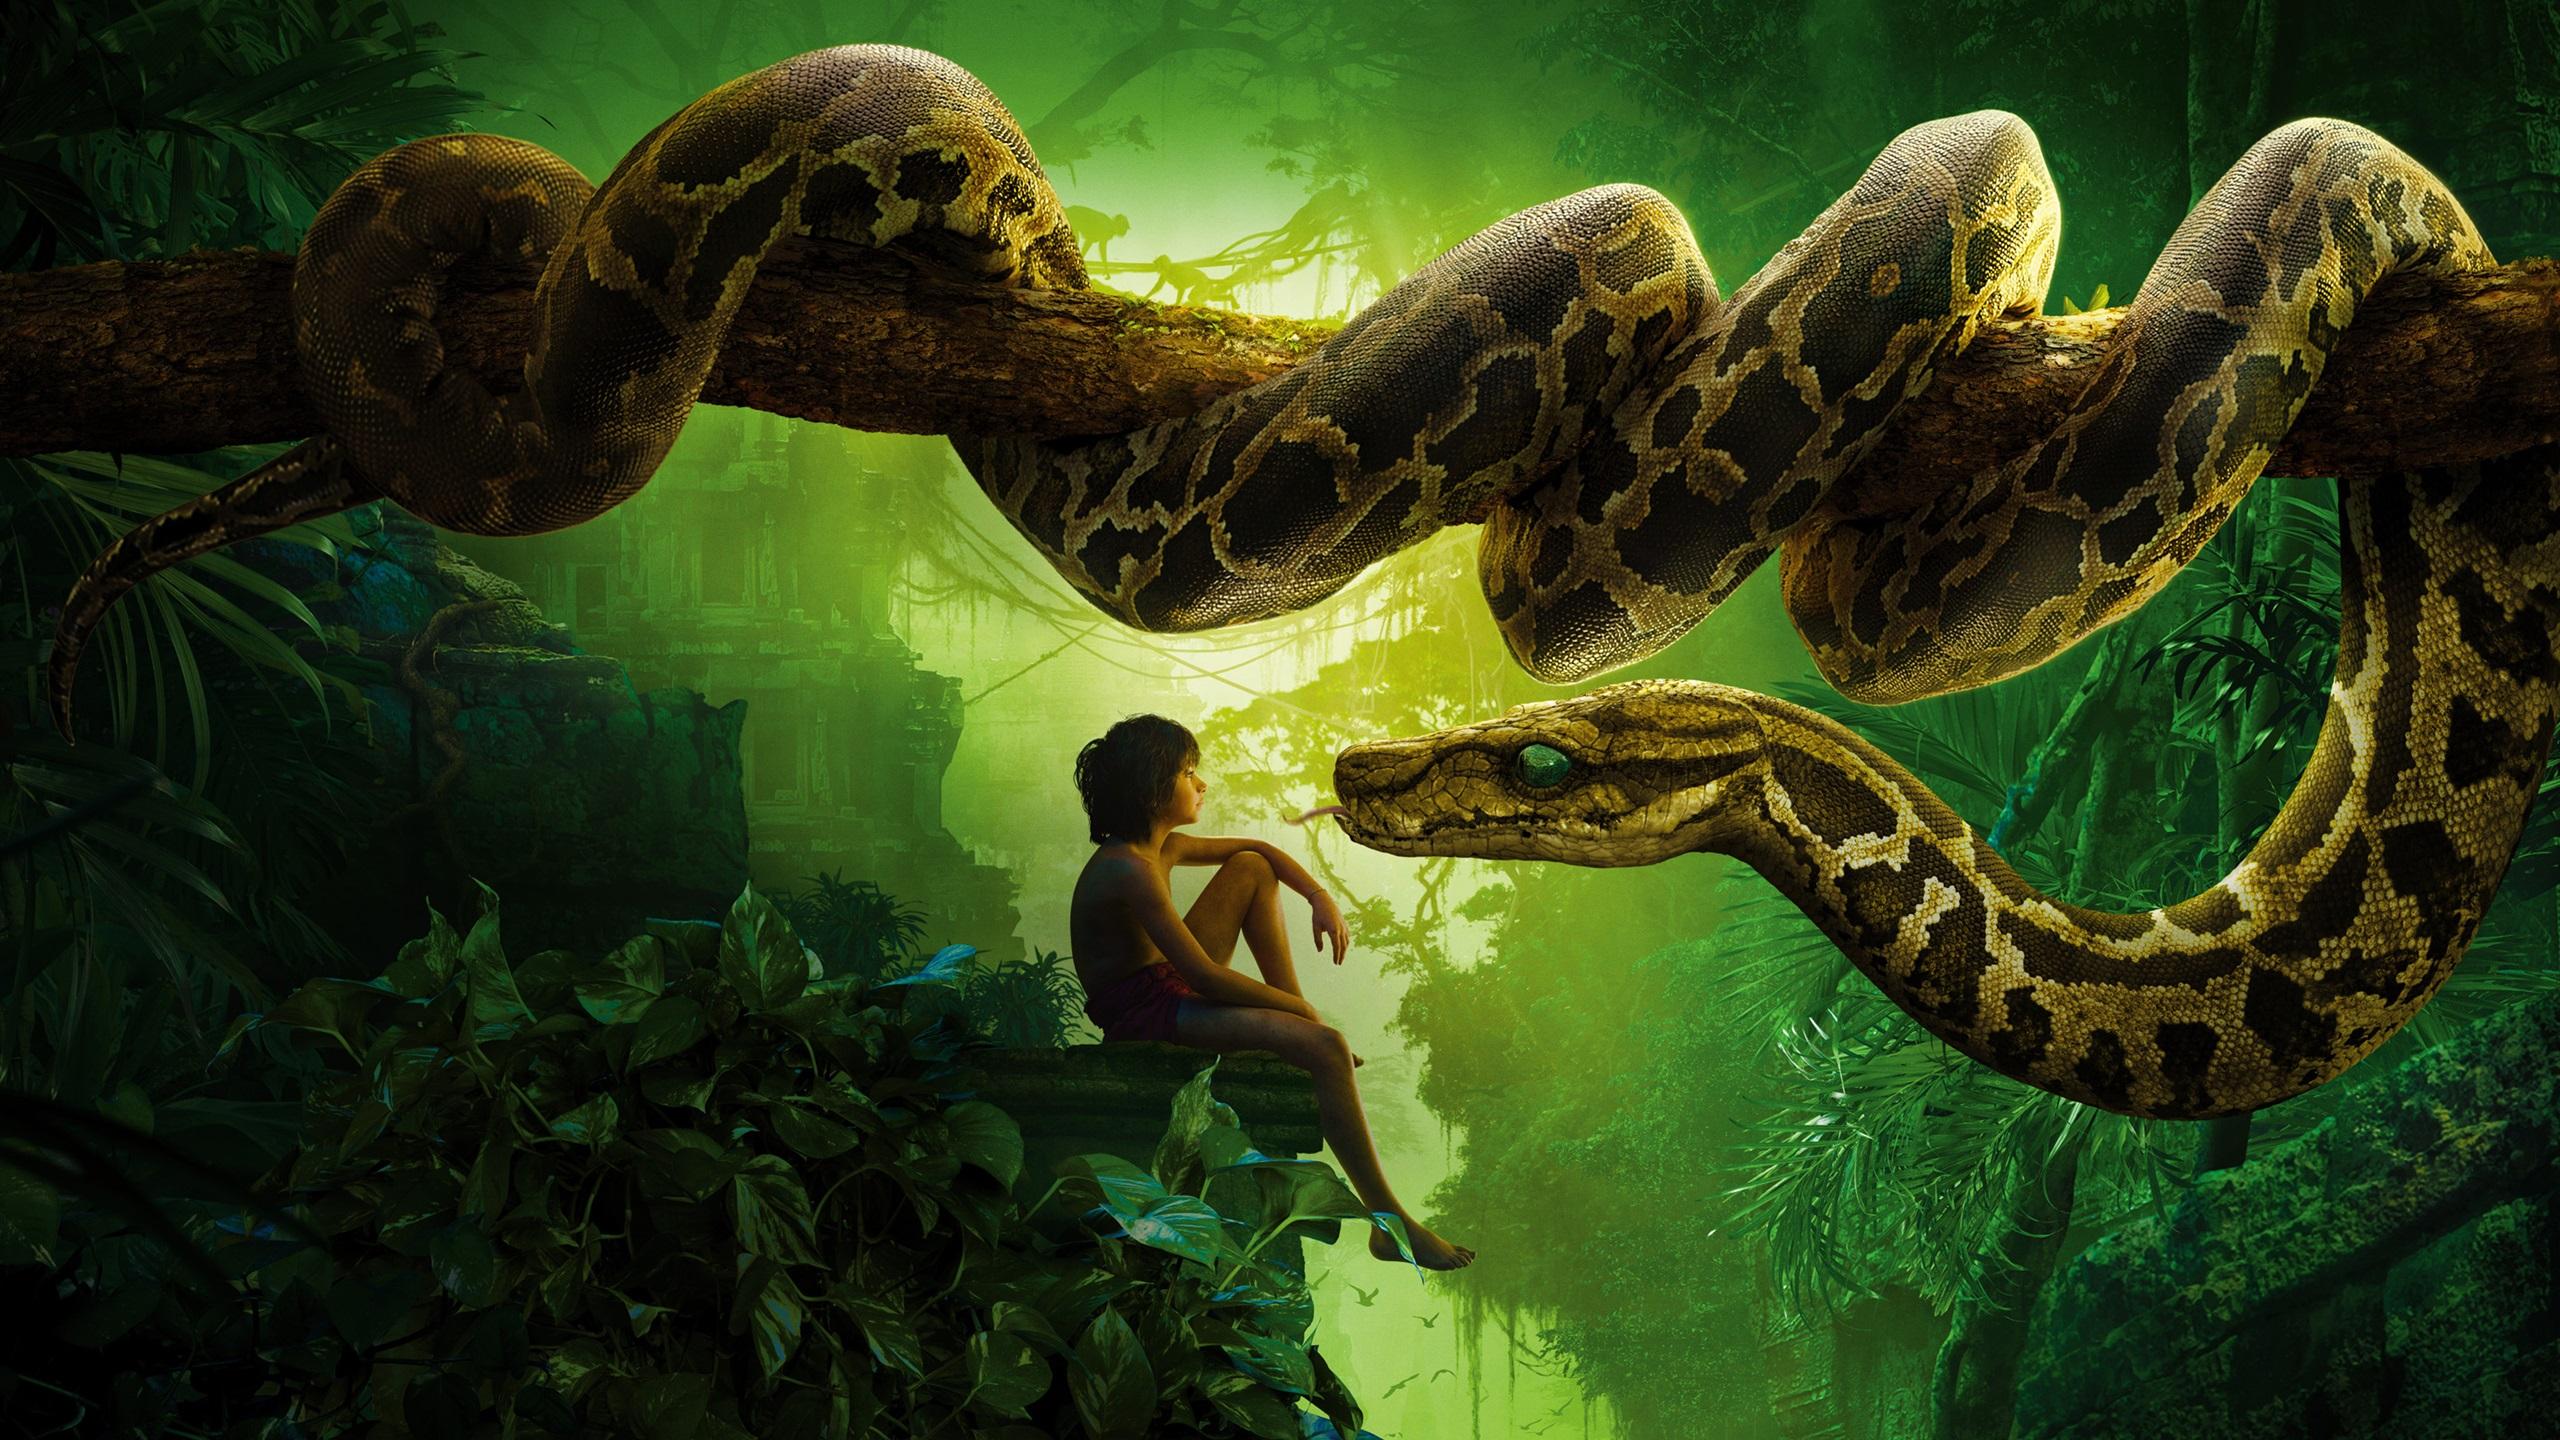 2016年奇幻森林,男孩和蛇 壁纸 - 2560x1440 qhd高清